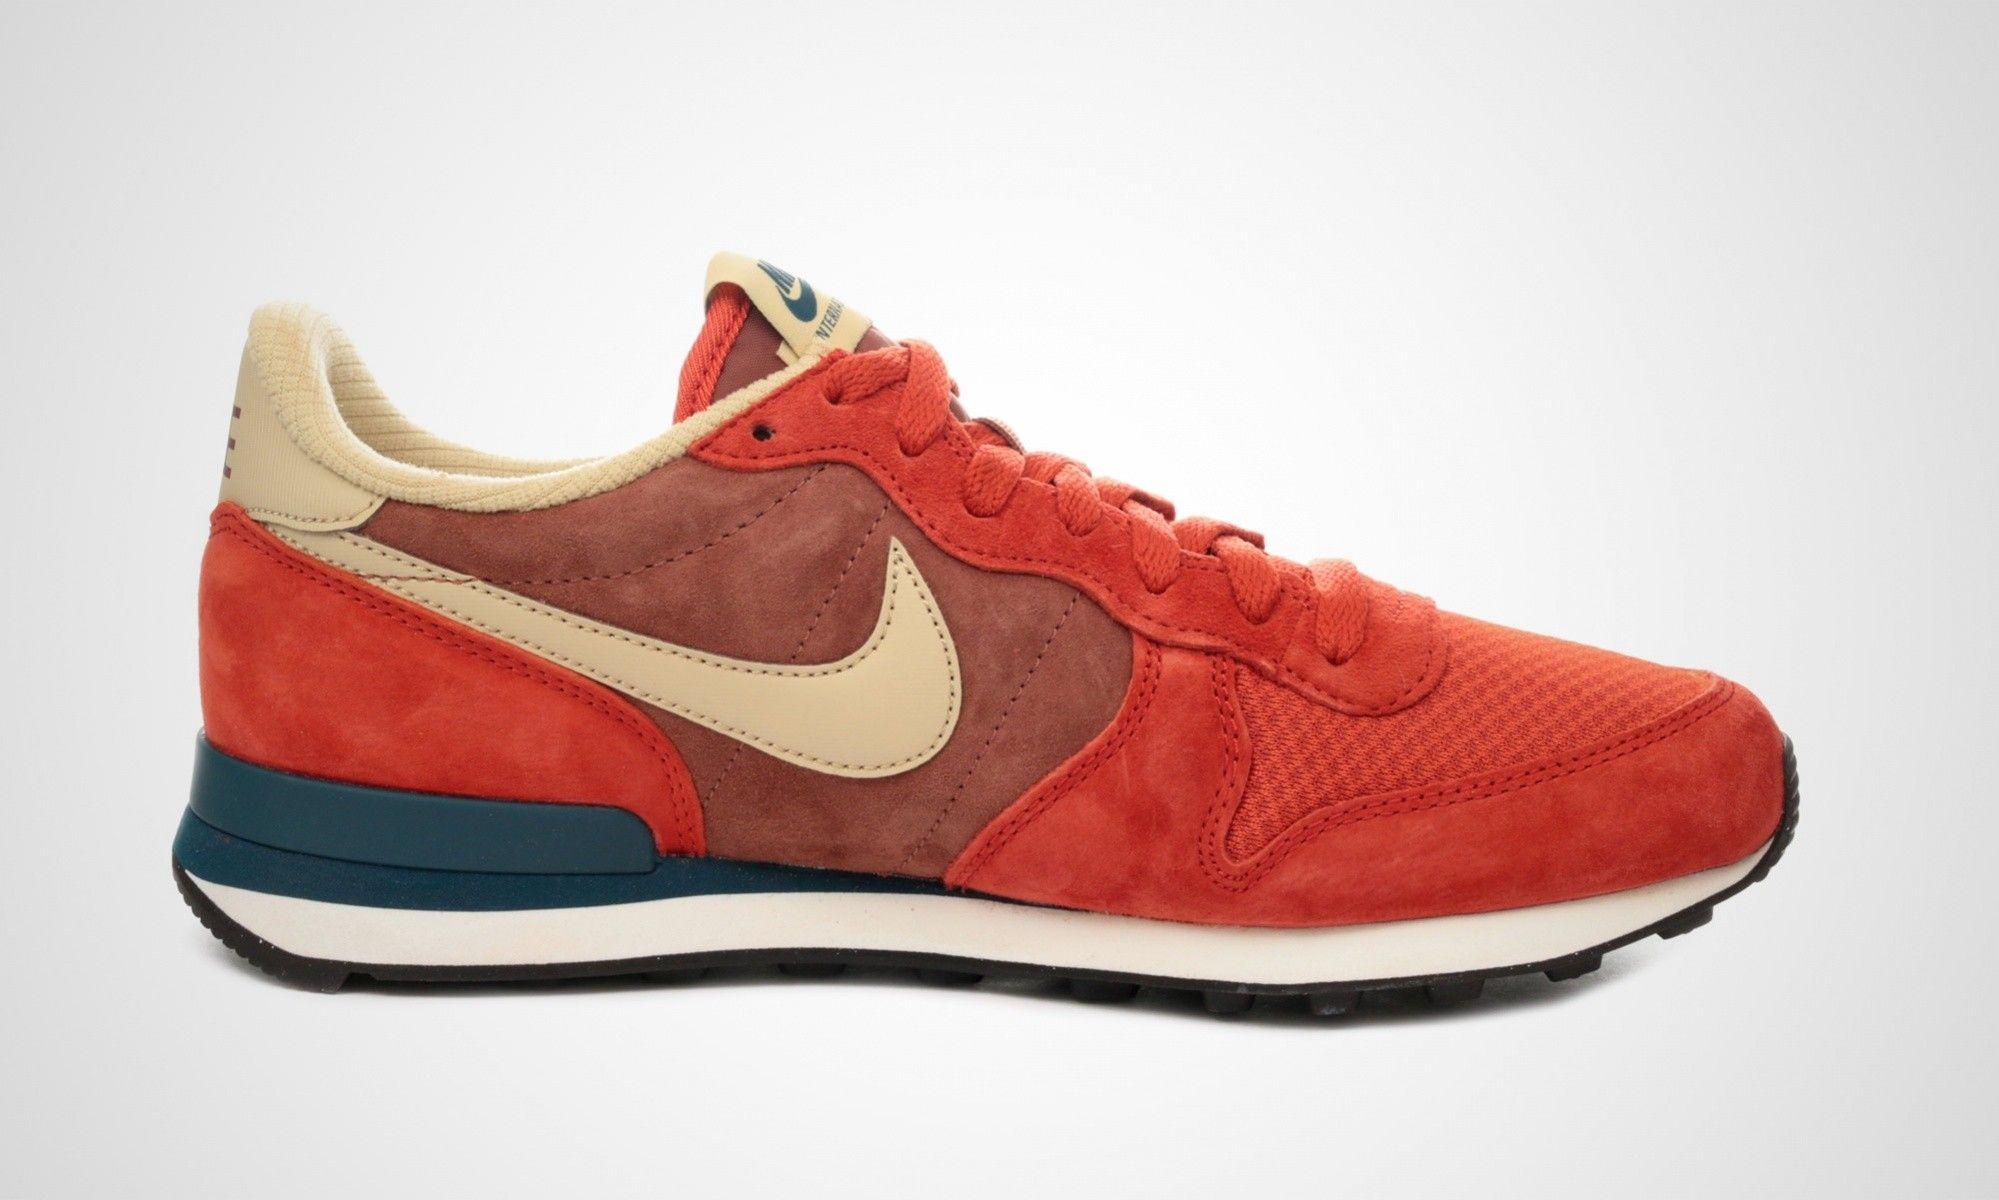 78628a57713 Hombre Zapatillas Nike Internationalist Leather Rojo Arena Duna óxido  Factor Azul 631755-203